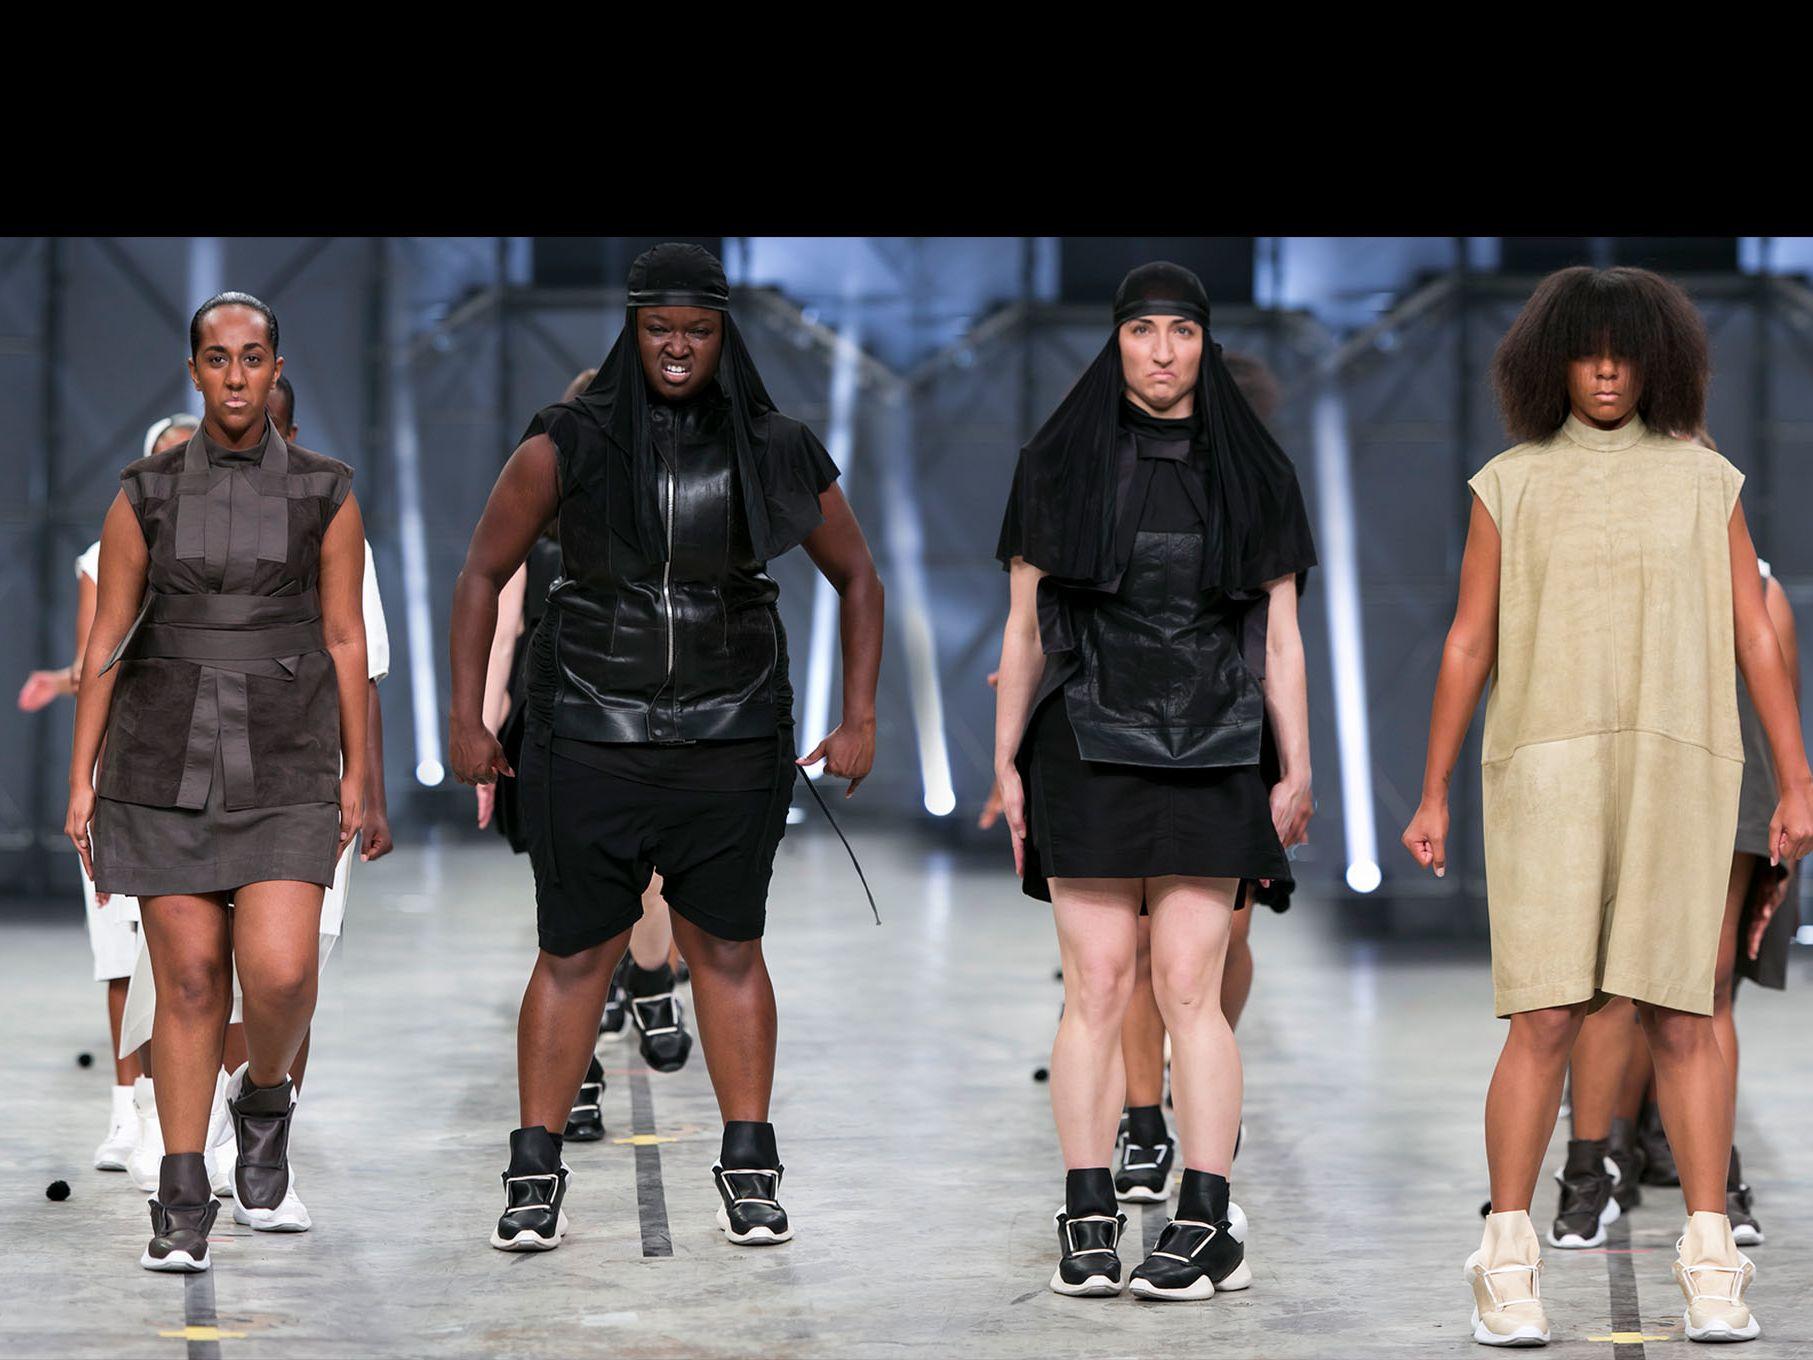 Screen shot from fashion show featuring 4 women commanding the catwalk